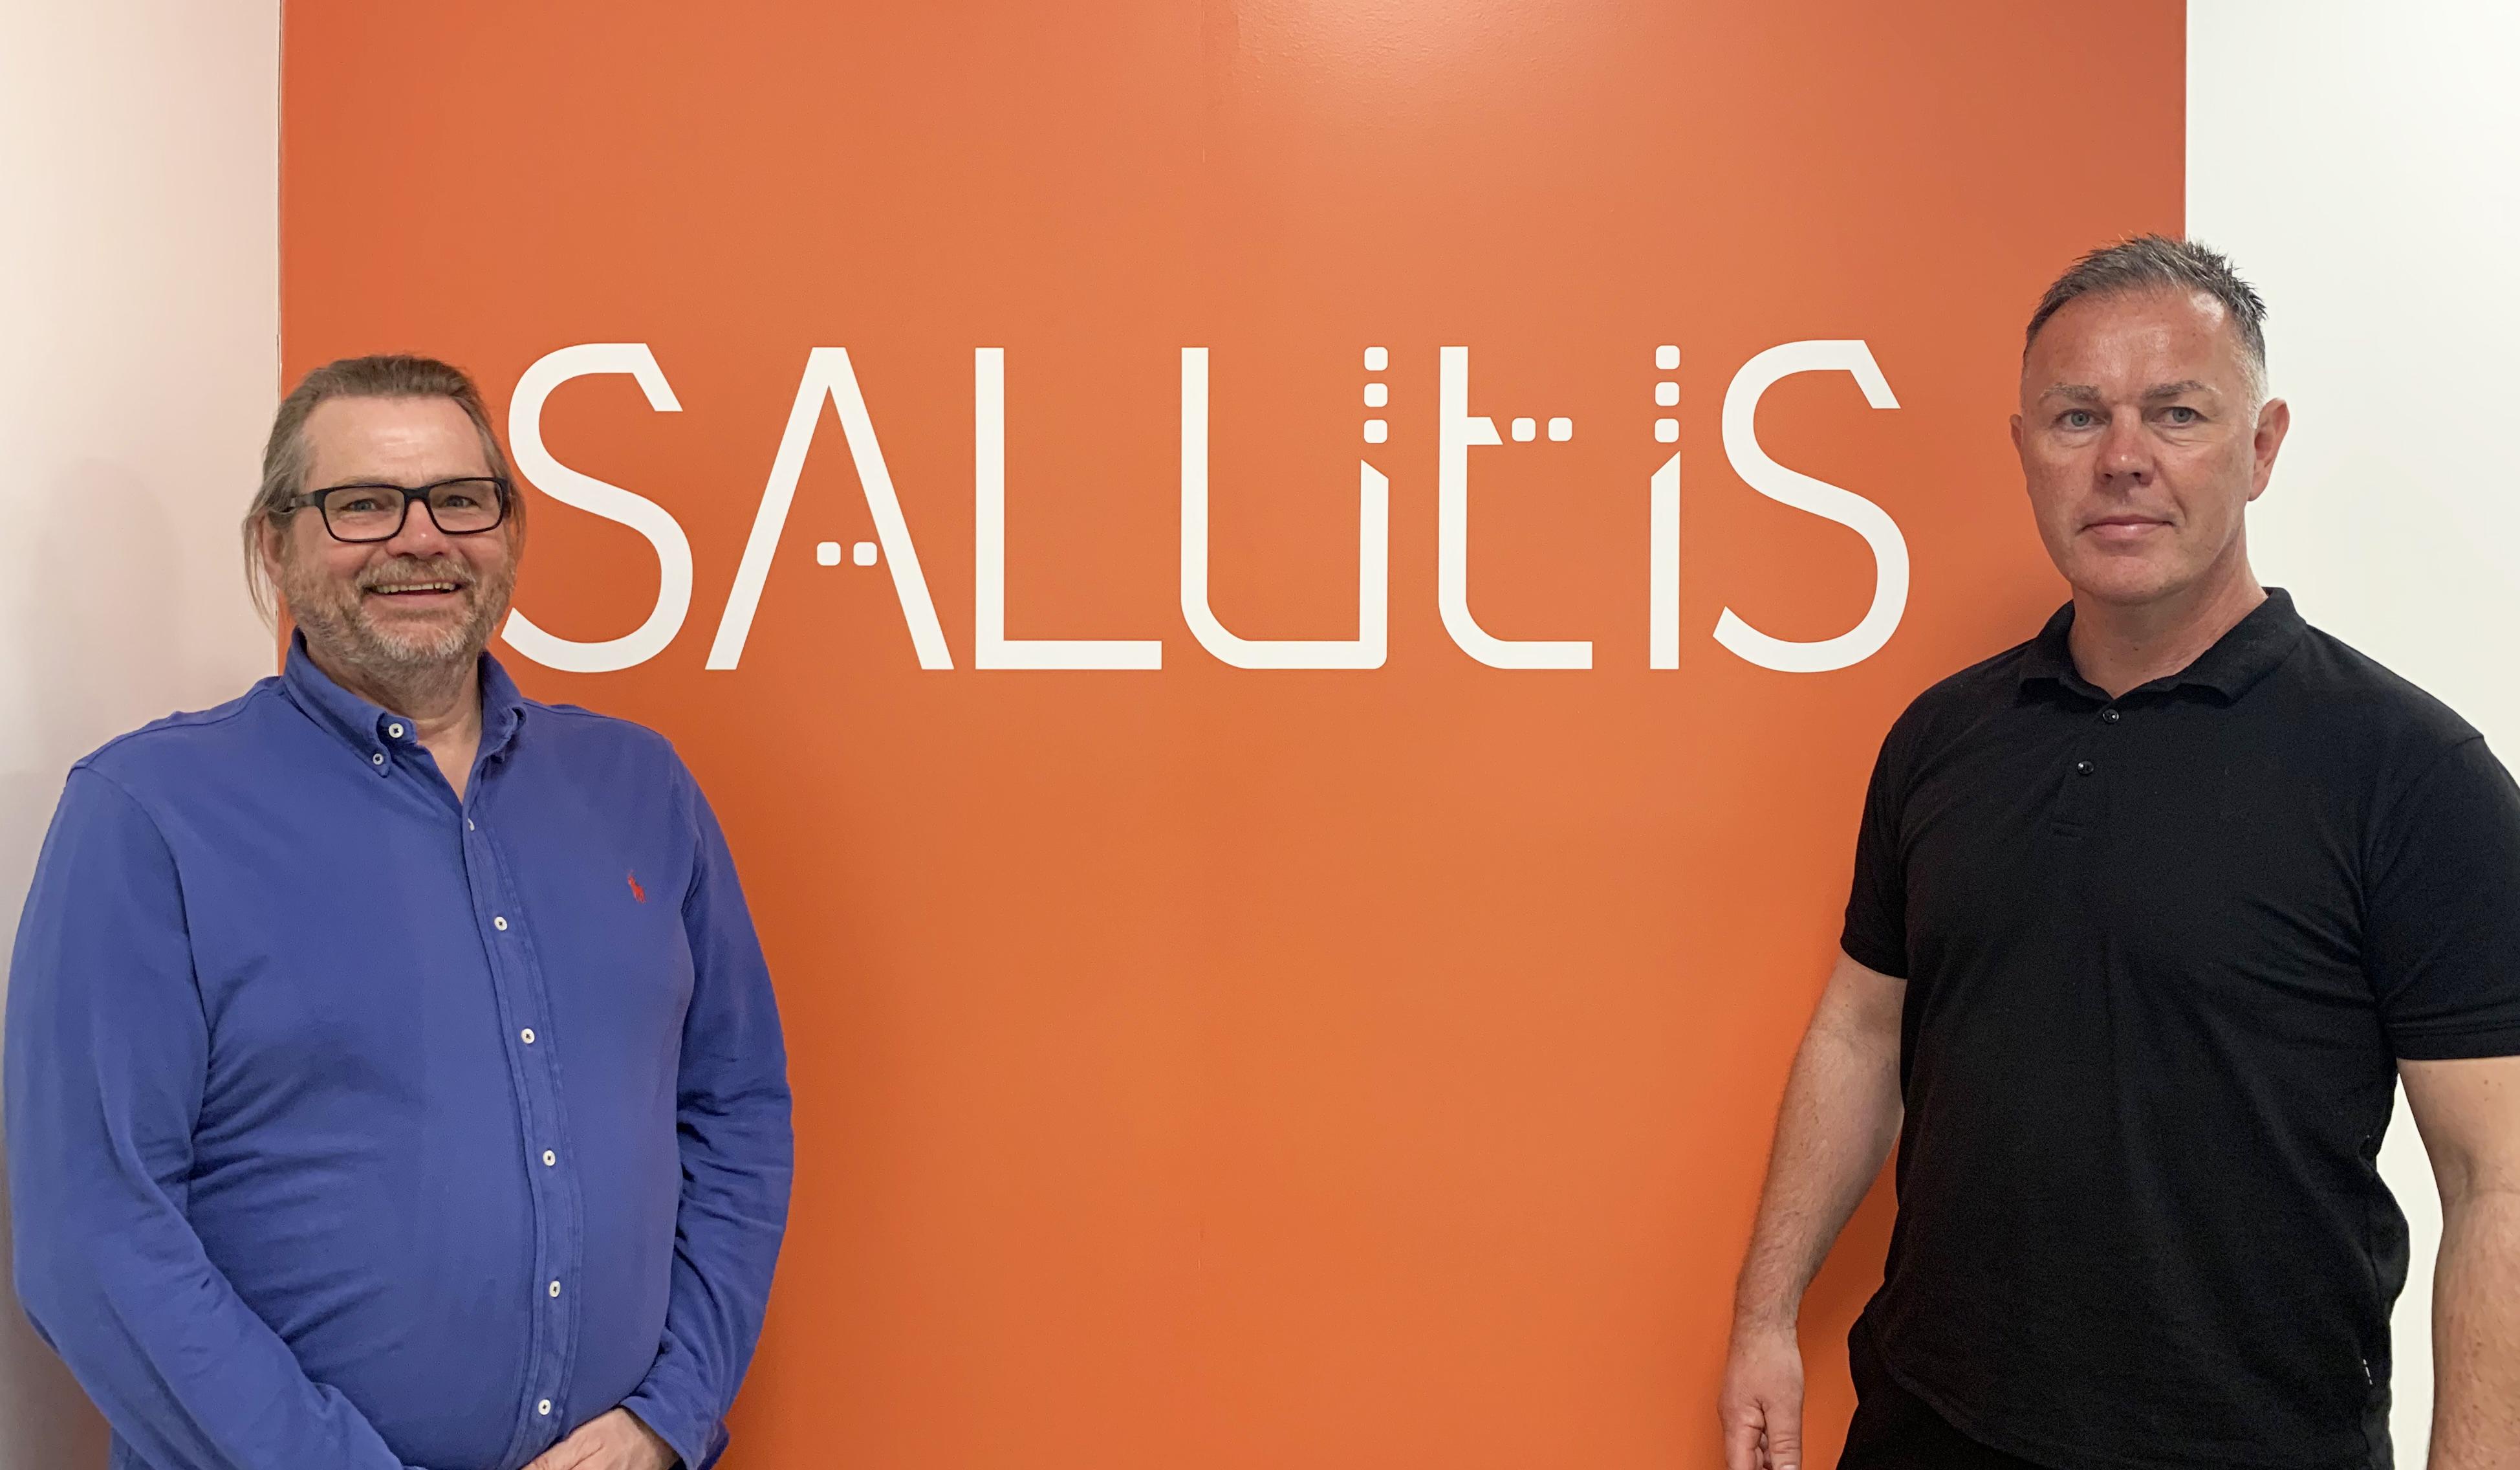 Daglig leder Trond Grønvold (t.h.) og utviklingsleder Knut Hellwege i Salutis HMS har gode erfaringer med ISO-sertifisering.